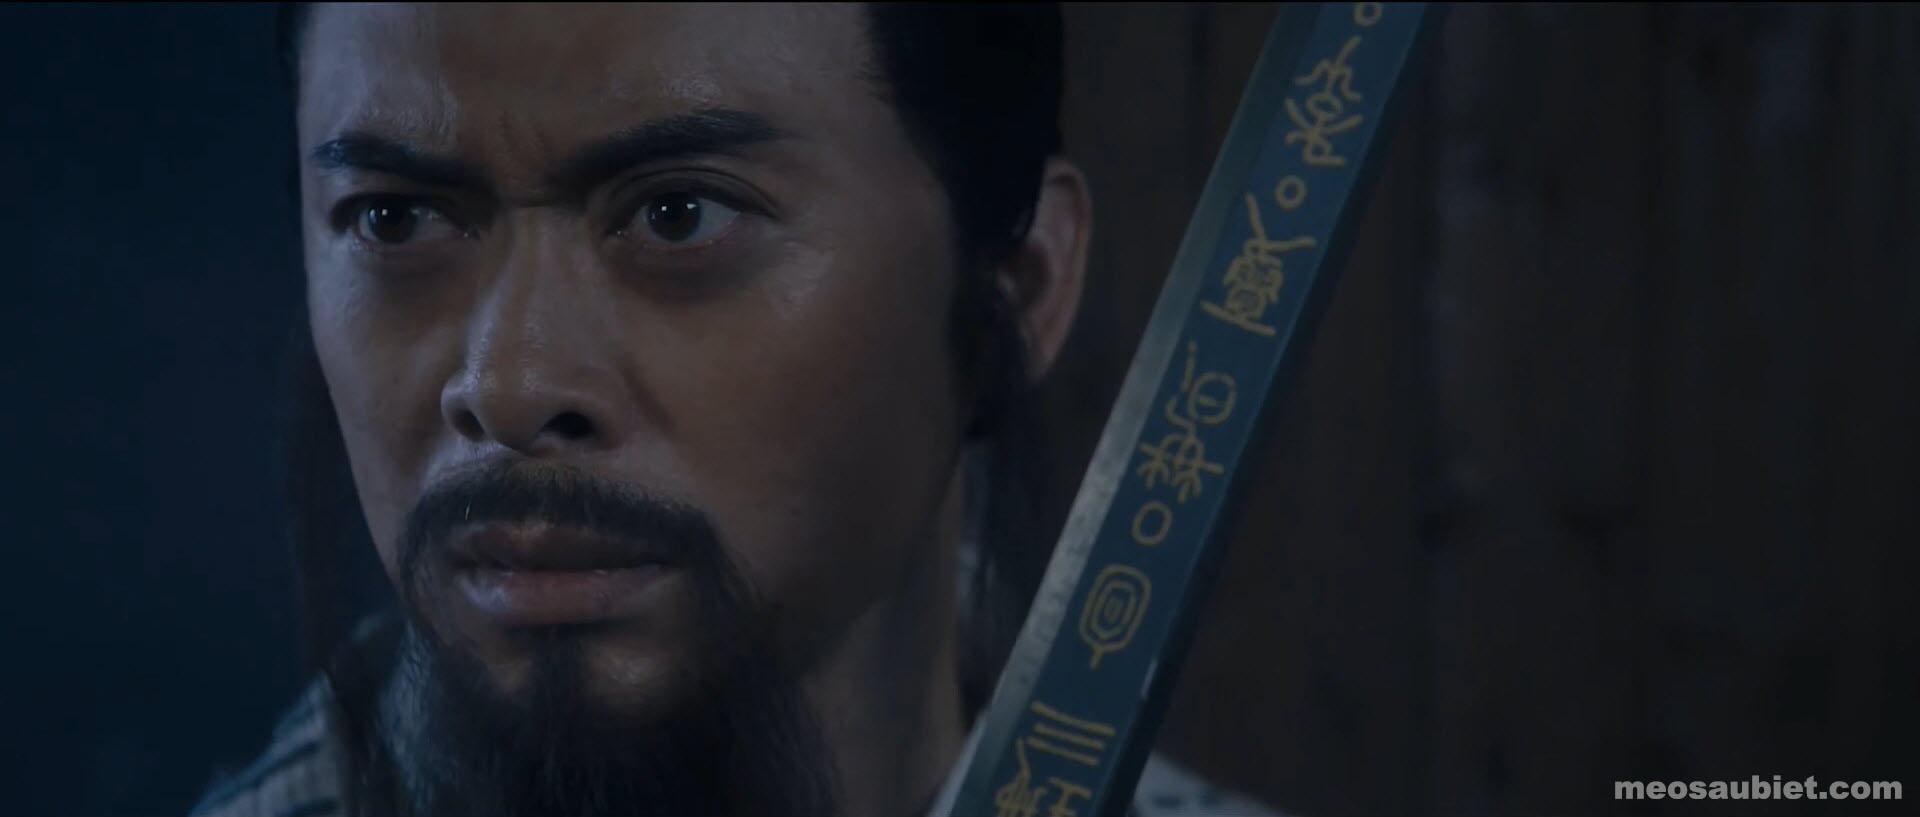 Trương thiên sư núi Long Hổ 2020 Phàn Thiếu Hoàng trong vai Trương Đạo Lăng